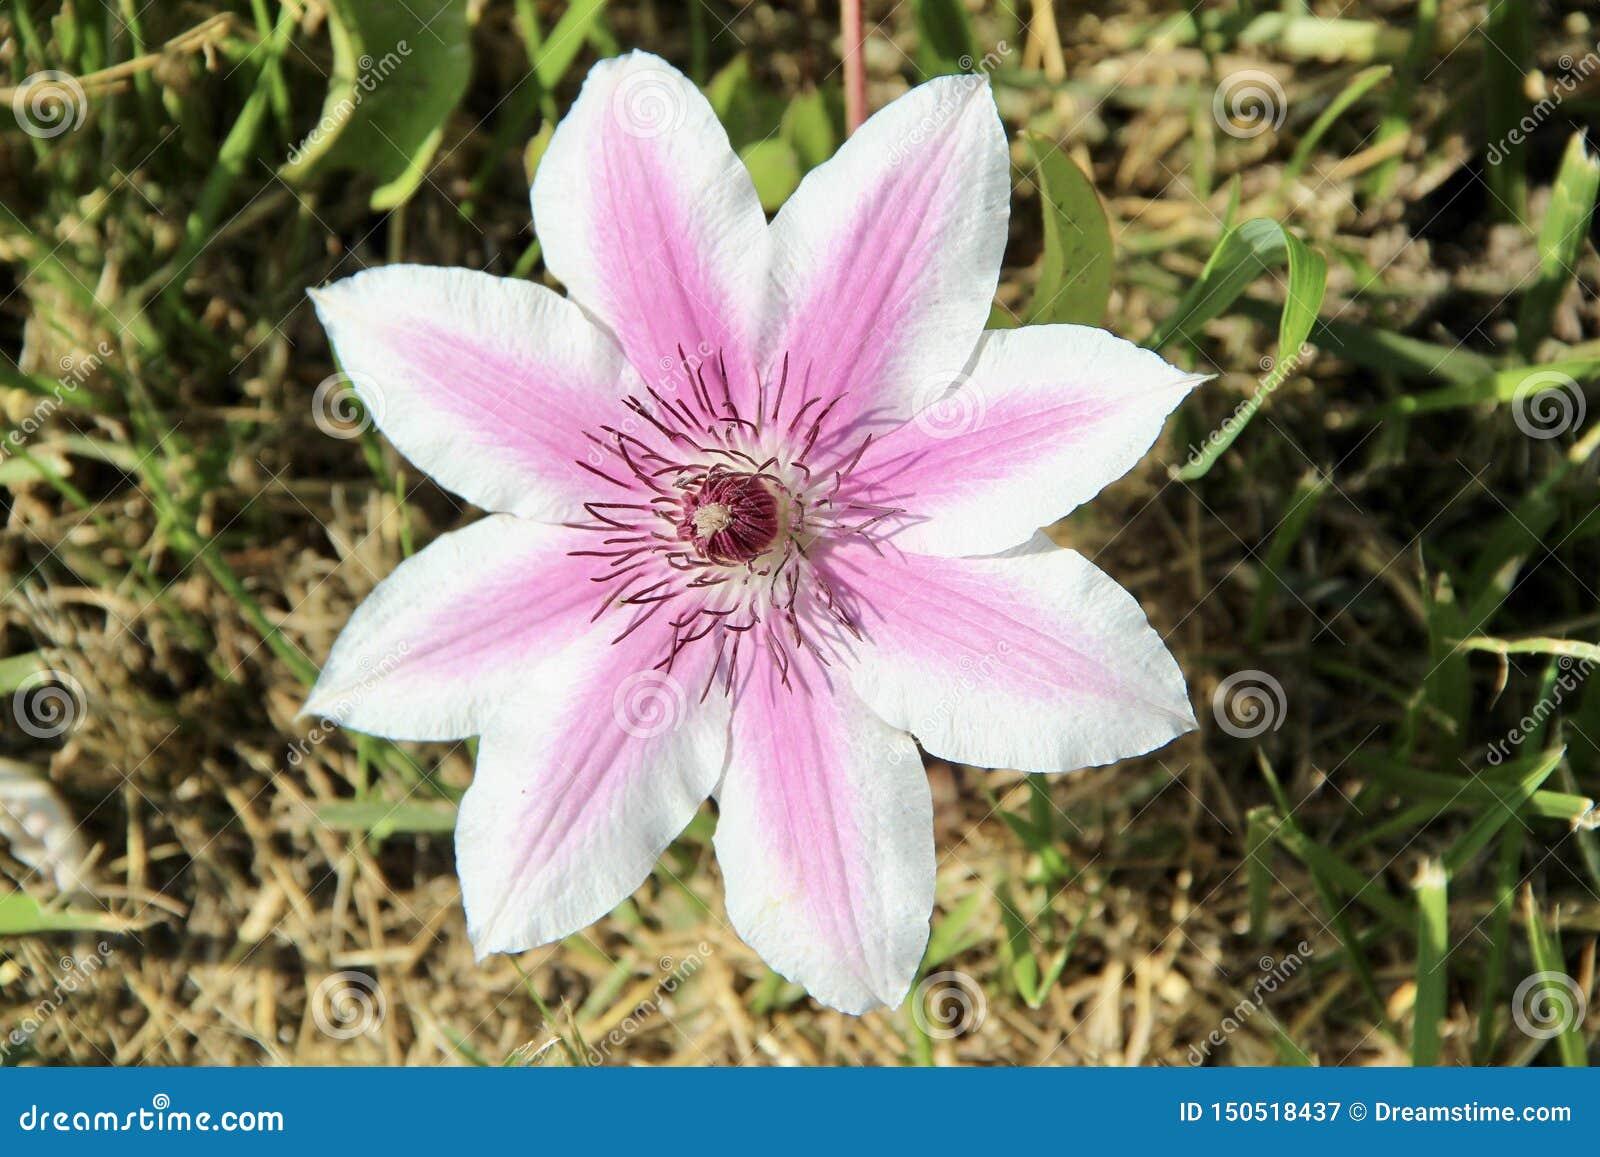 Великолепный цветок пинка и белых clematis, интересы природы